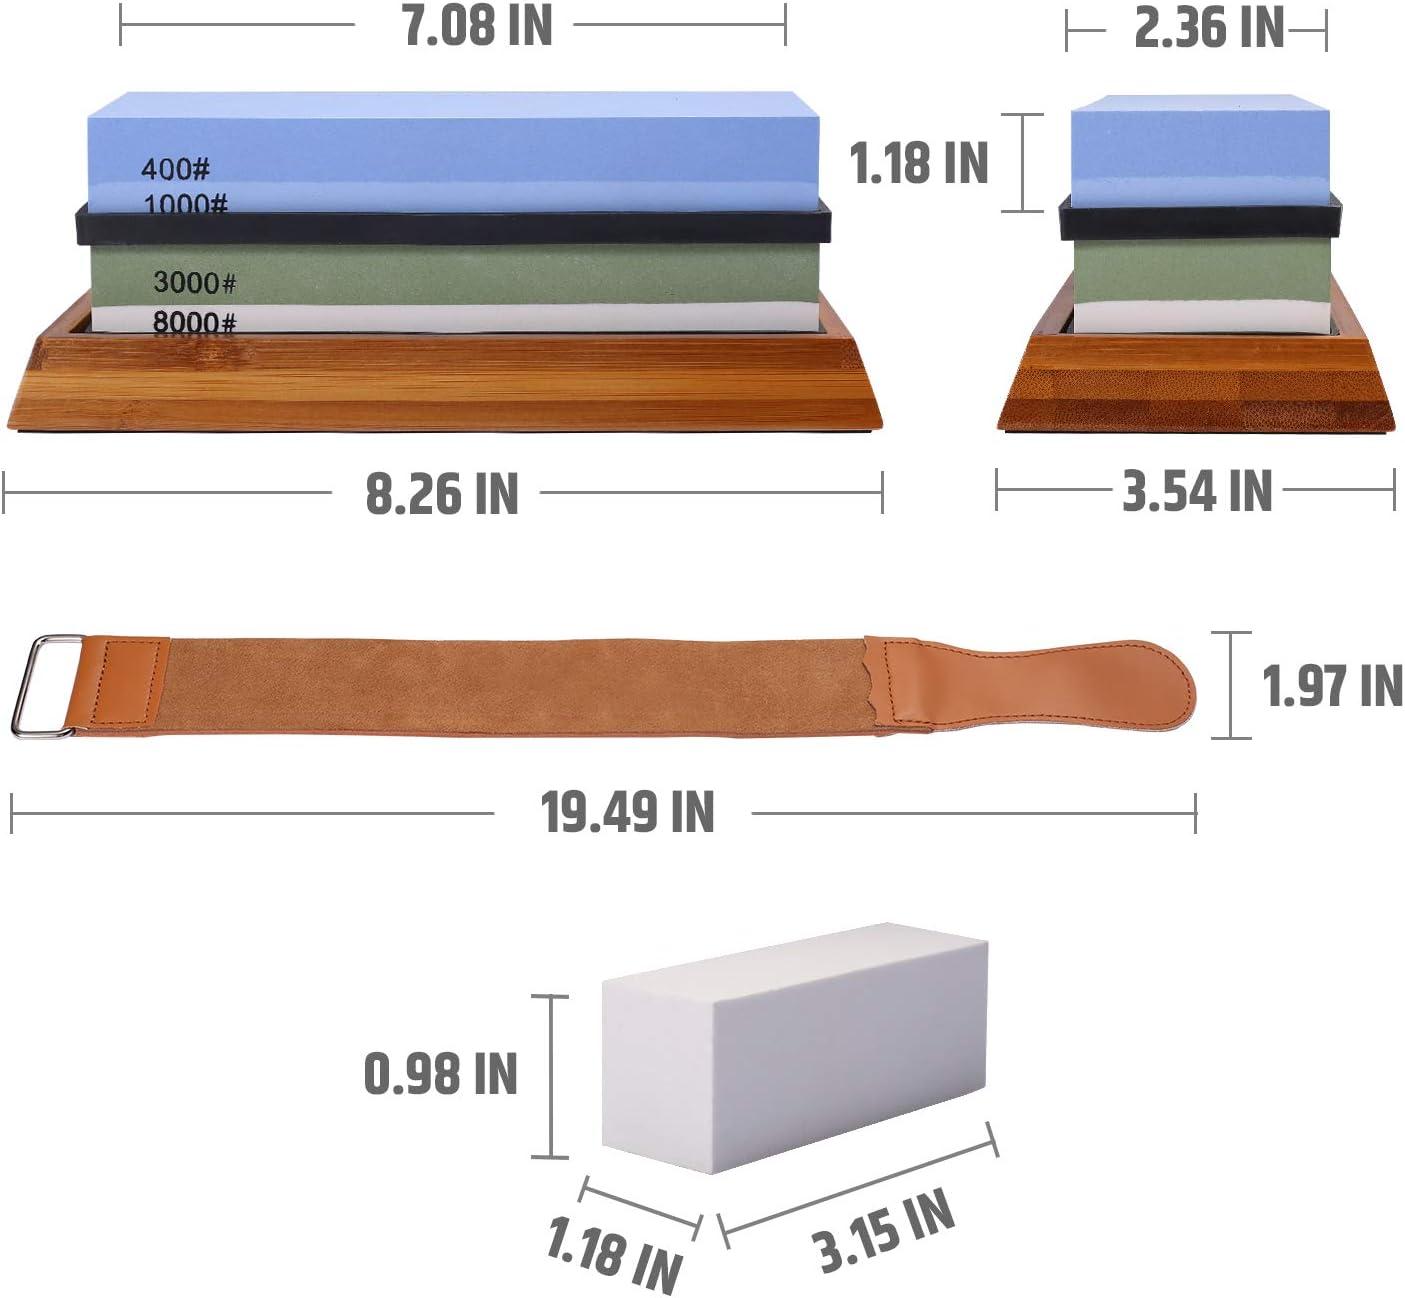 3000//8000 con base antideslizante y ayuda de molienda De piedra de afilar Razorri Solido piedra de afilar de doble cara 2 en 1 Grano 400//1000